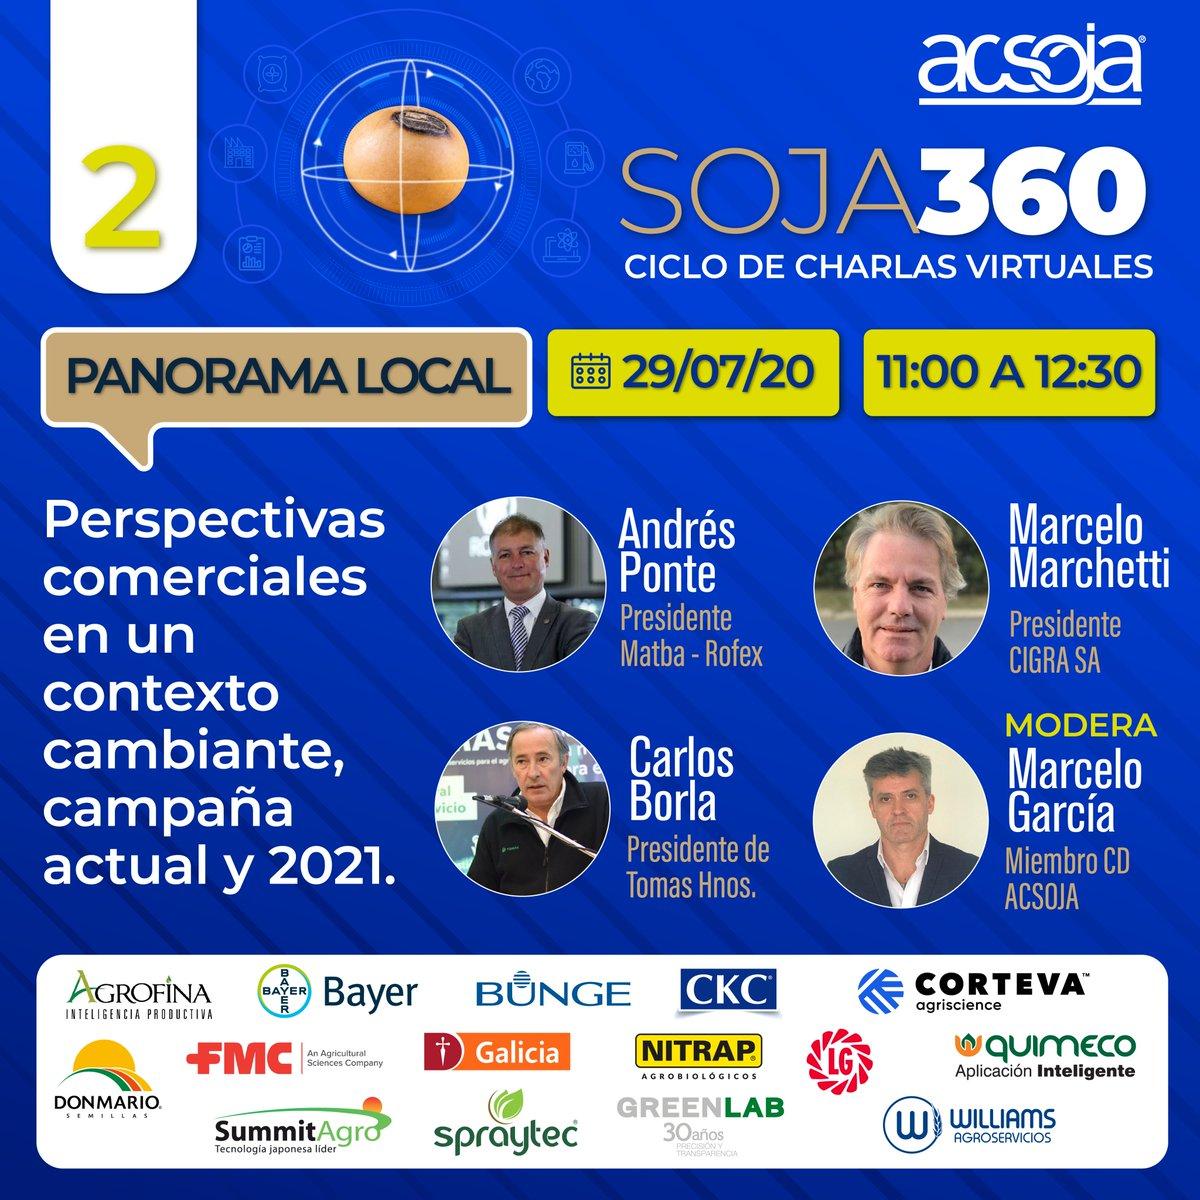 Ciclo de charlas virtuales ACSoja